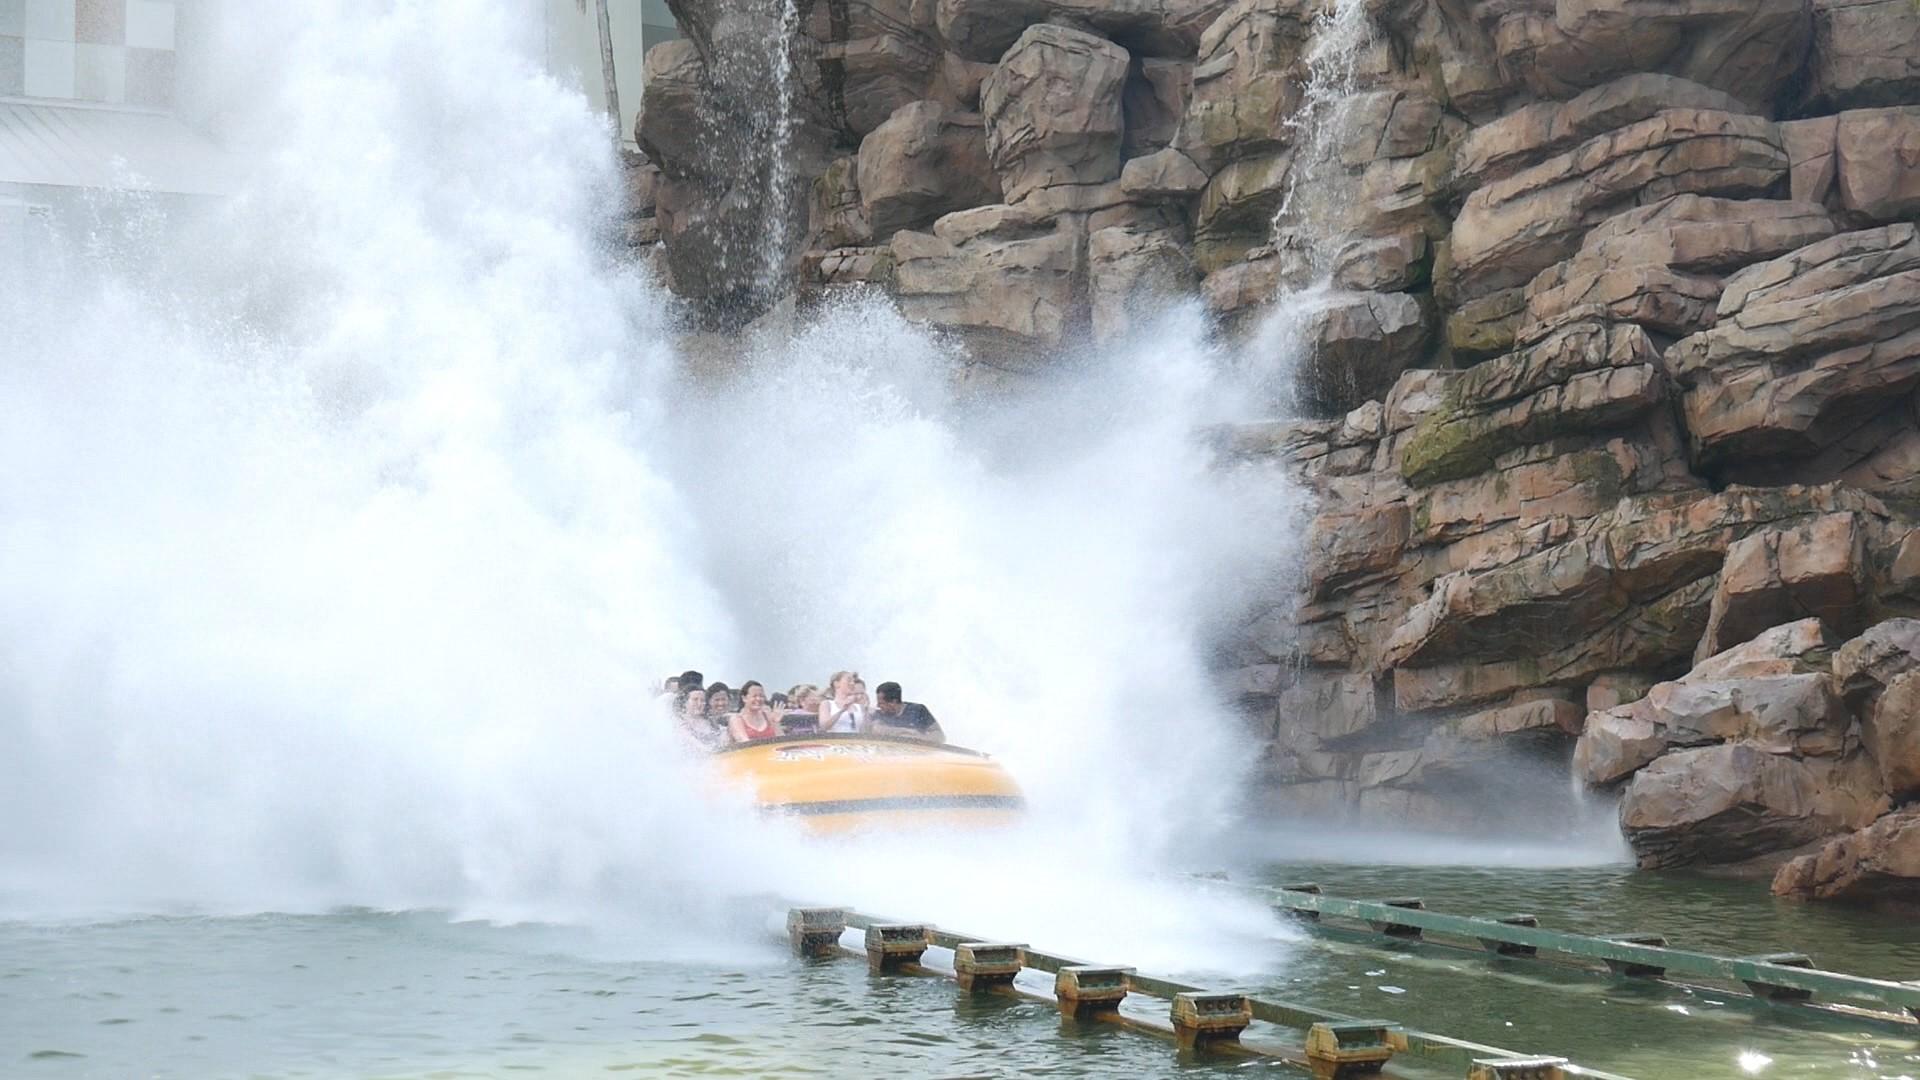 Jurassic Park River Adventure at Universal Orlando Resort